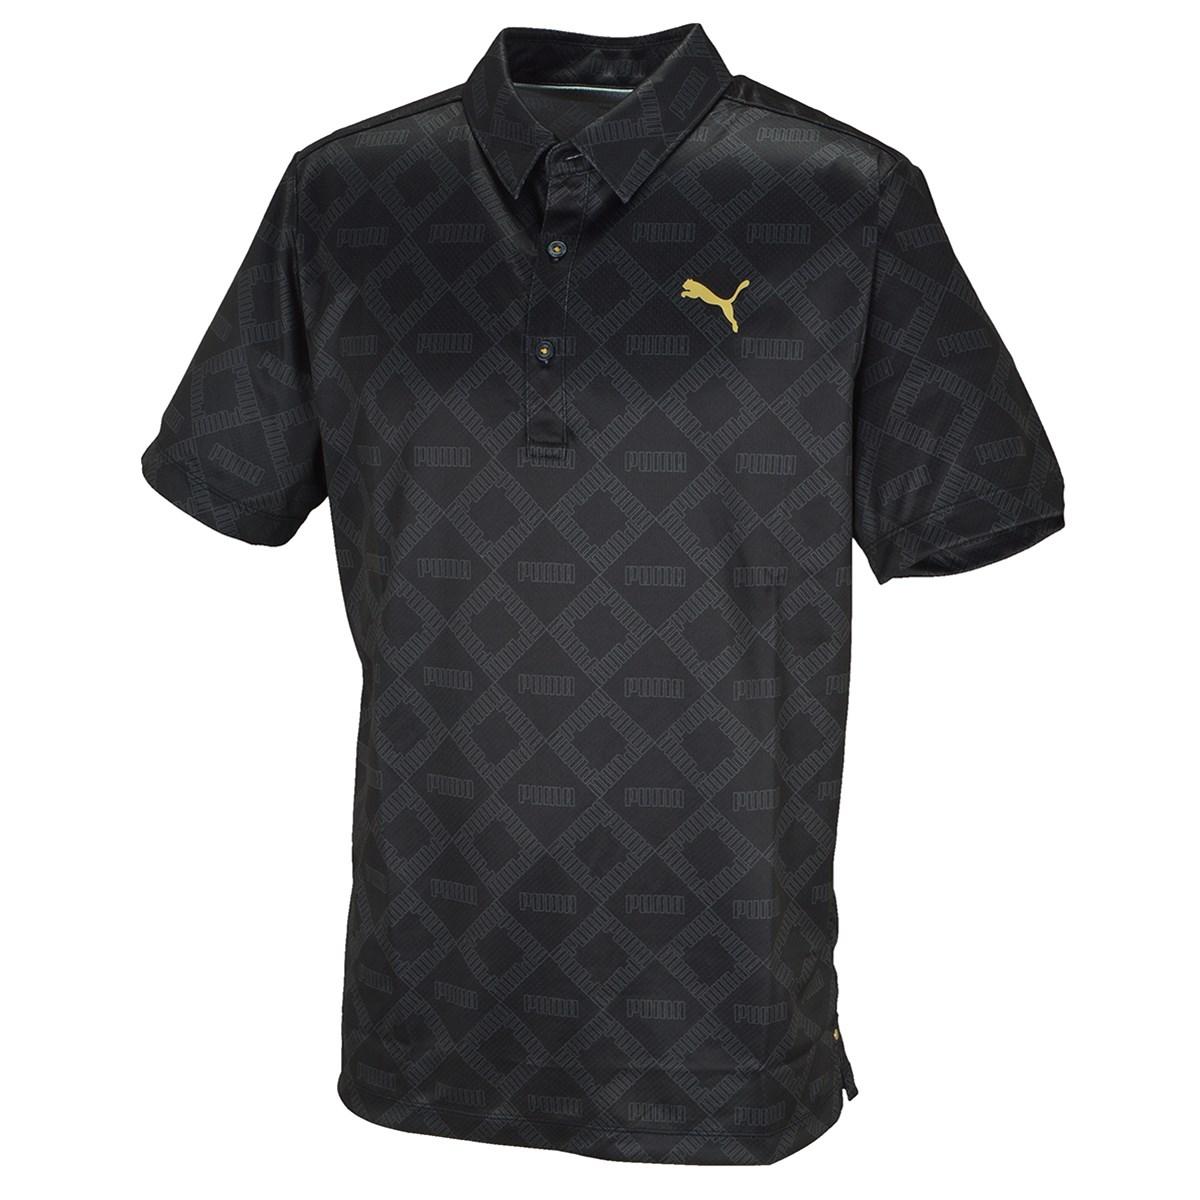 プーマ(PUMA) モノグラム 半袖ポロシャツ